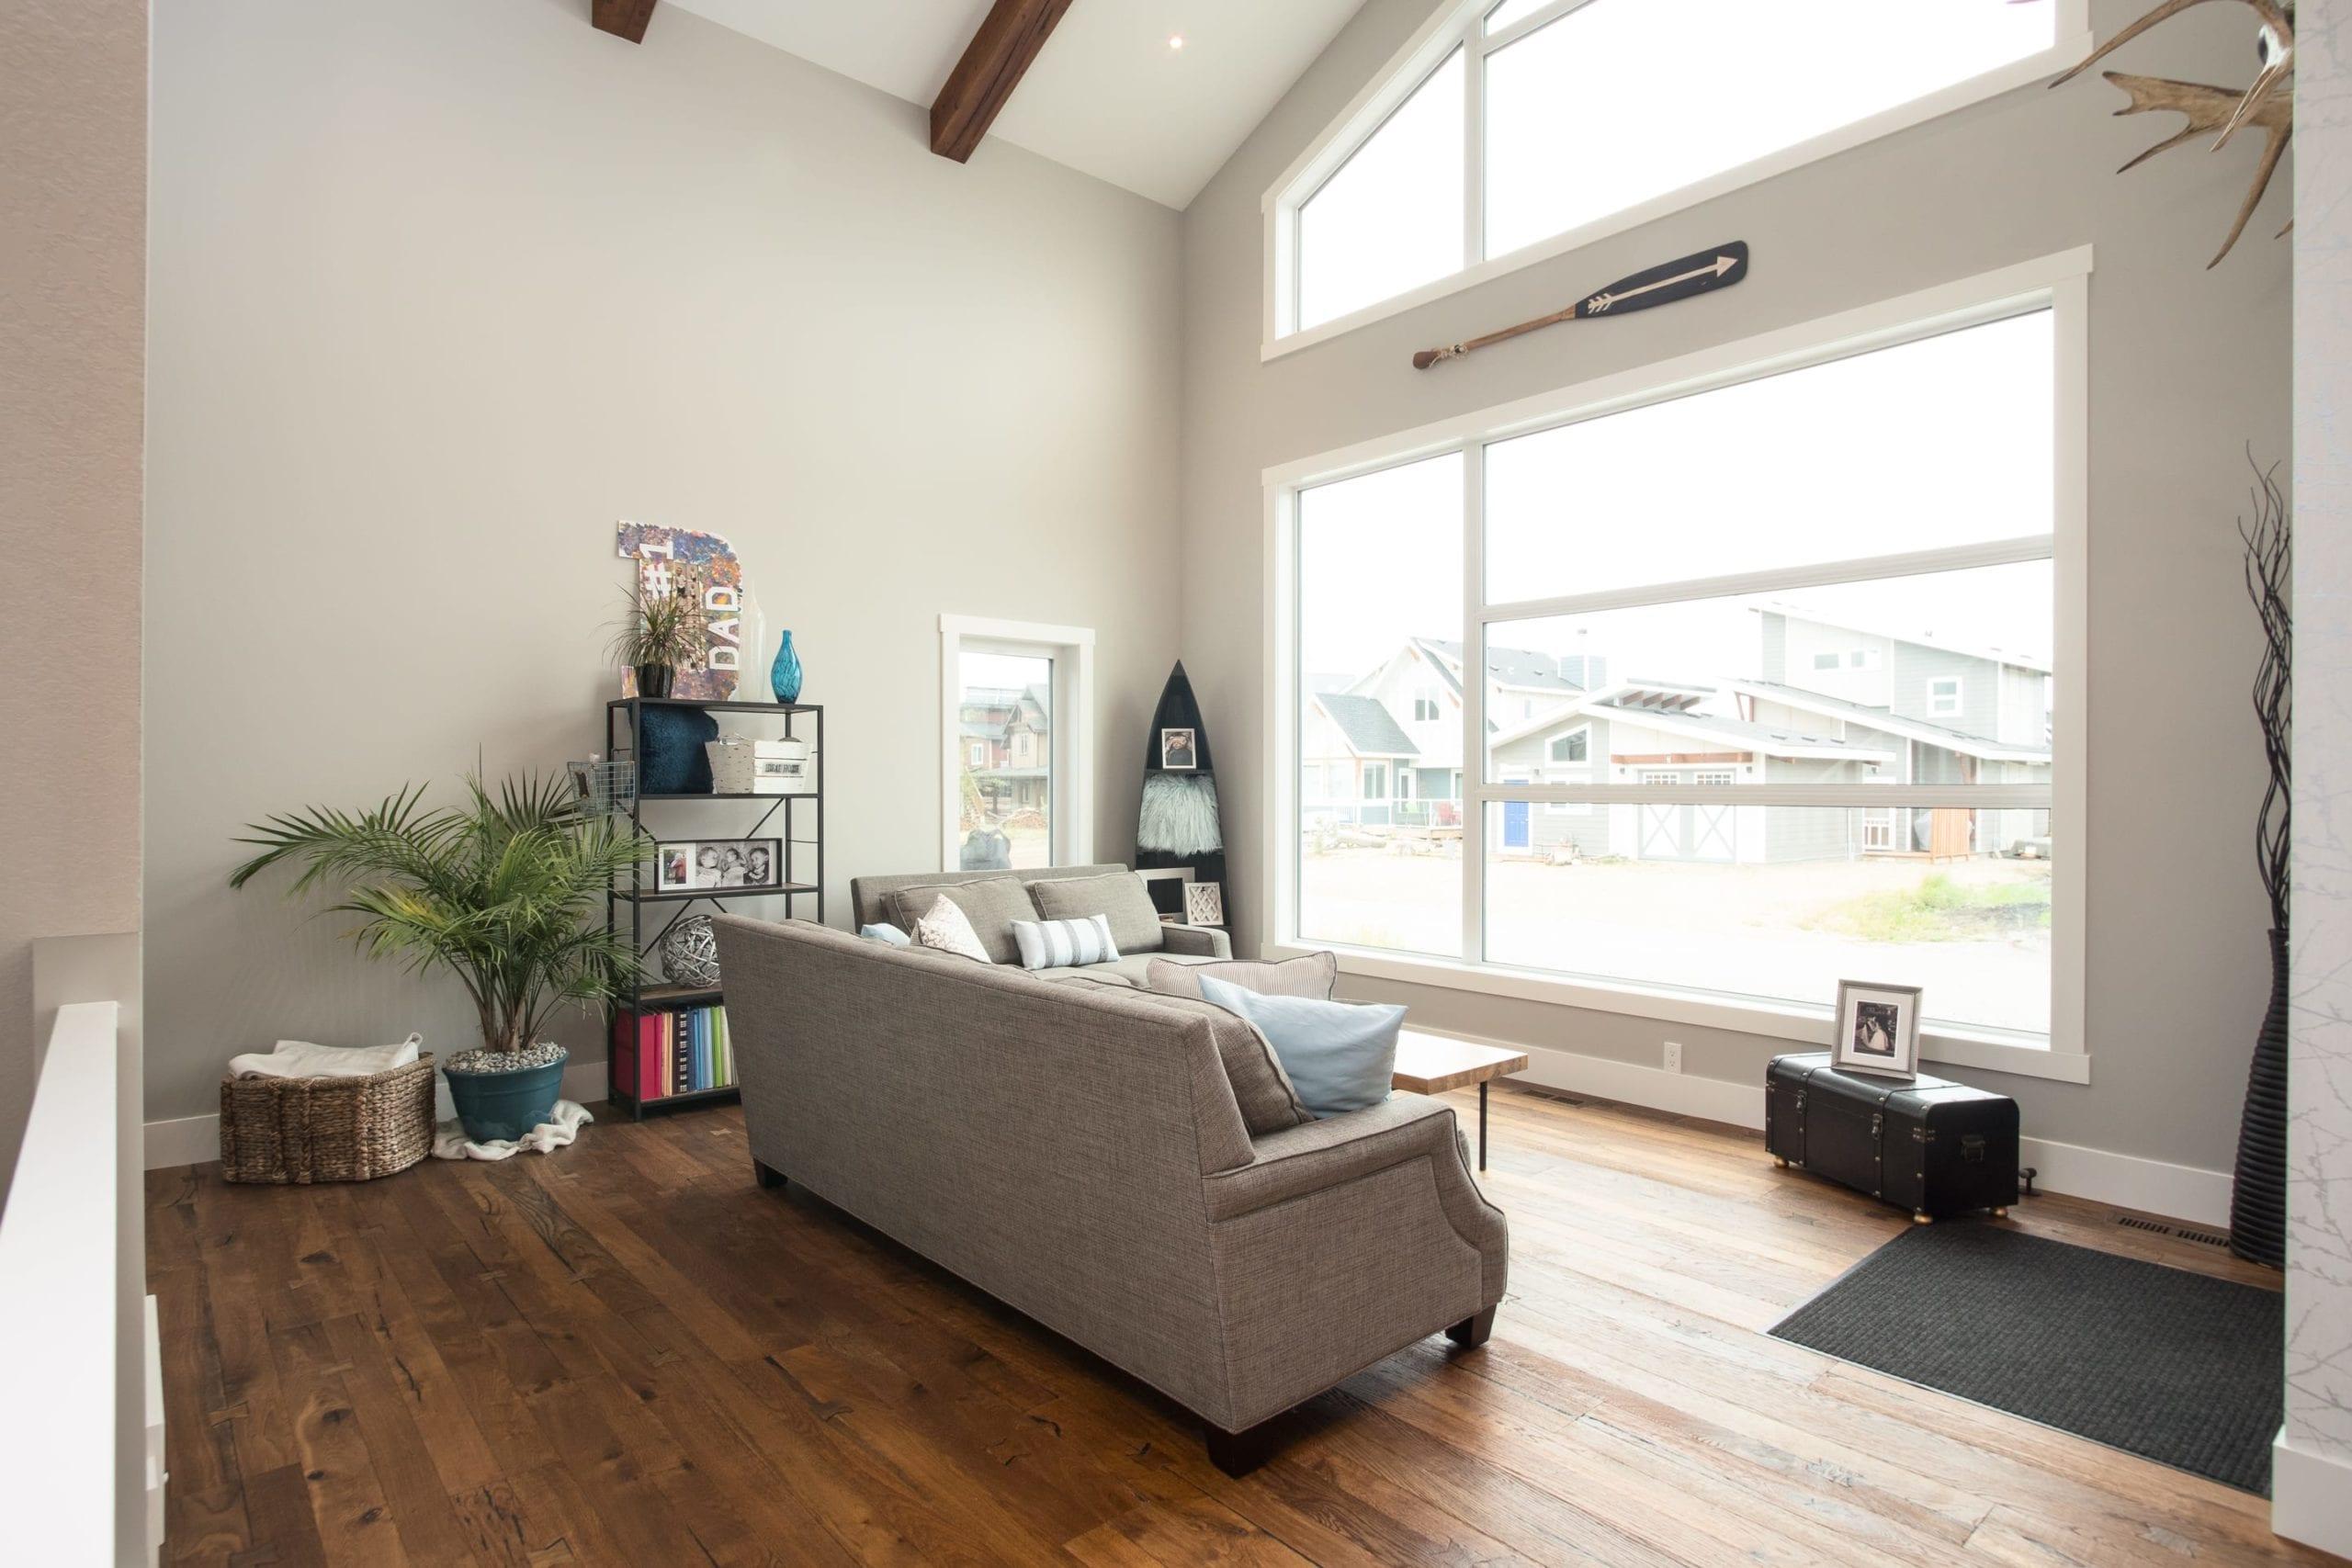 Hello Gorgeous - 302 Cottage Club Way - Tara Molina Real Estate (14 of 43)